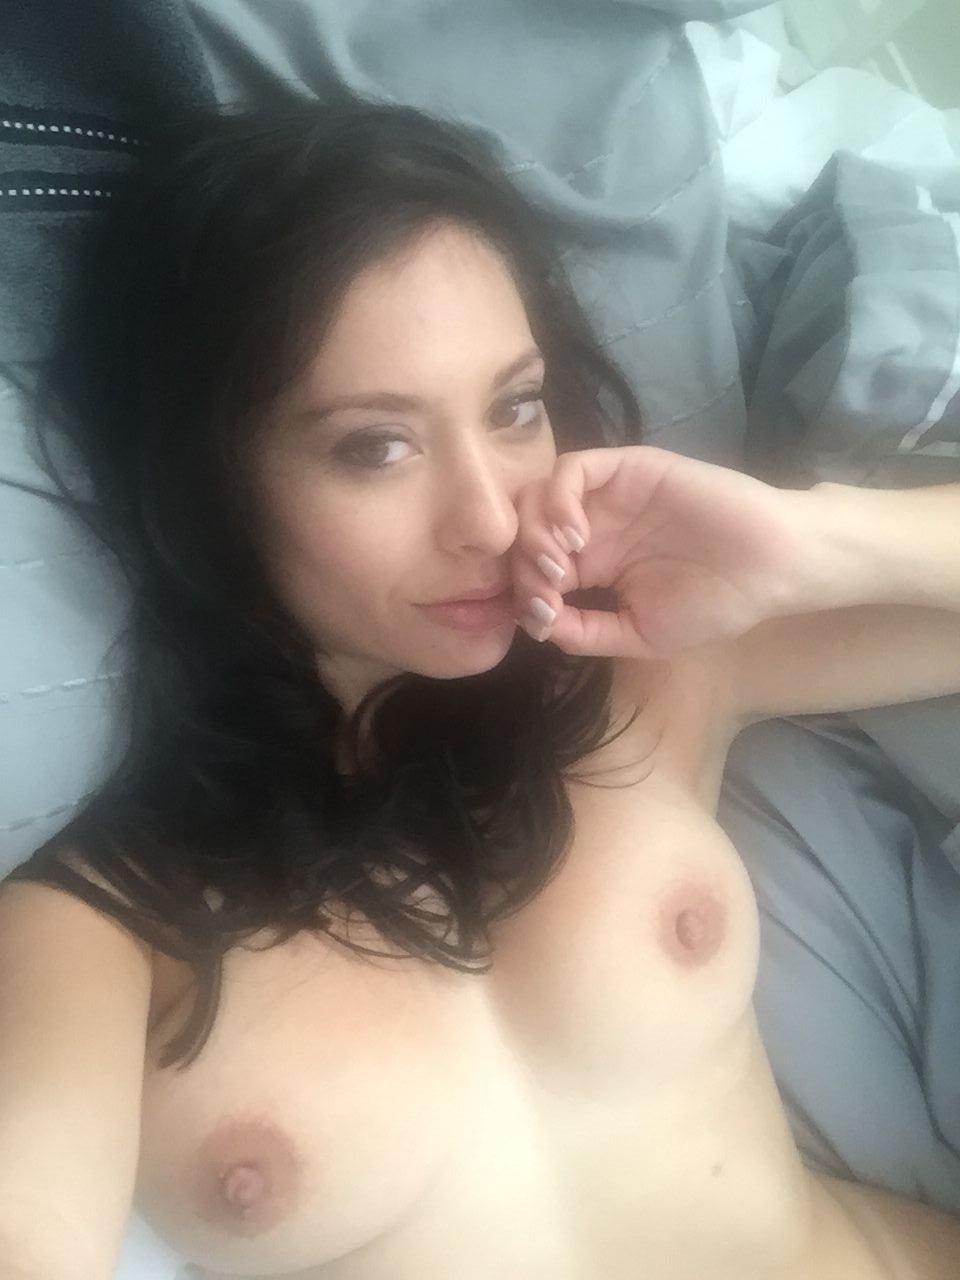 pics Maxine wwe leaked nudes